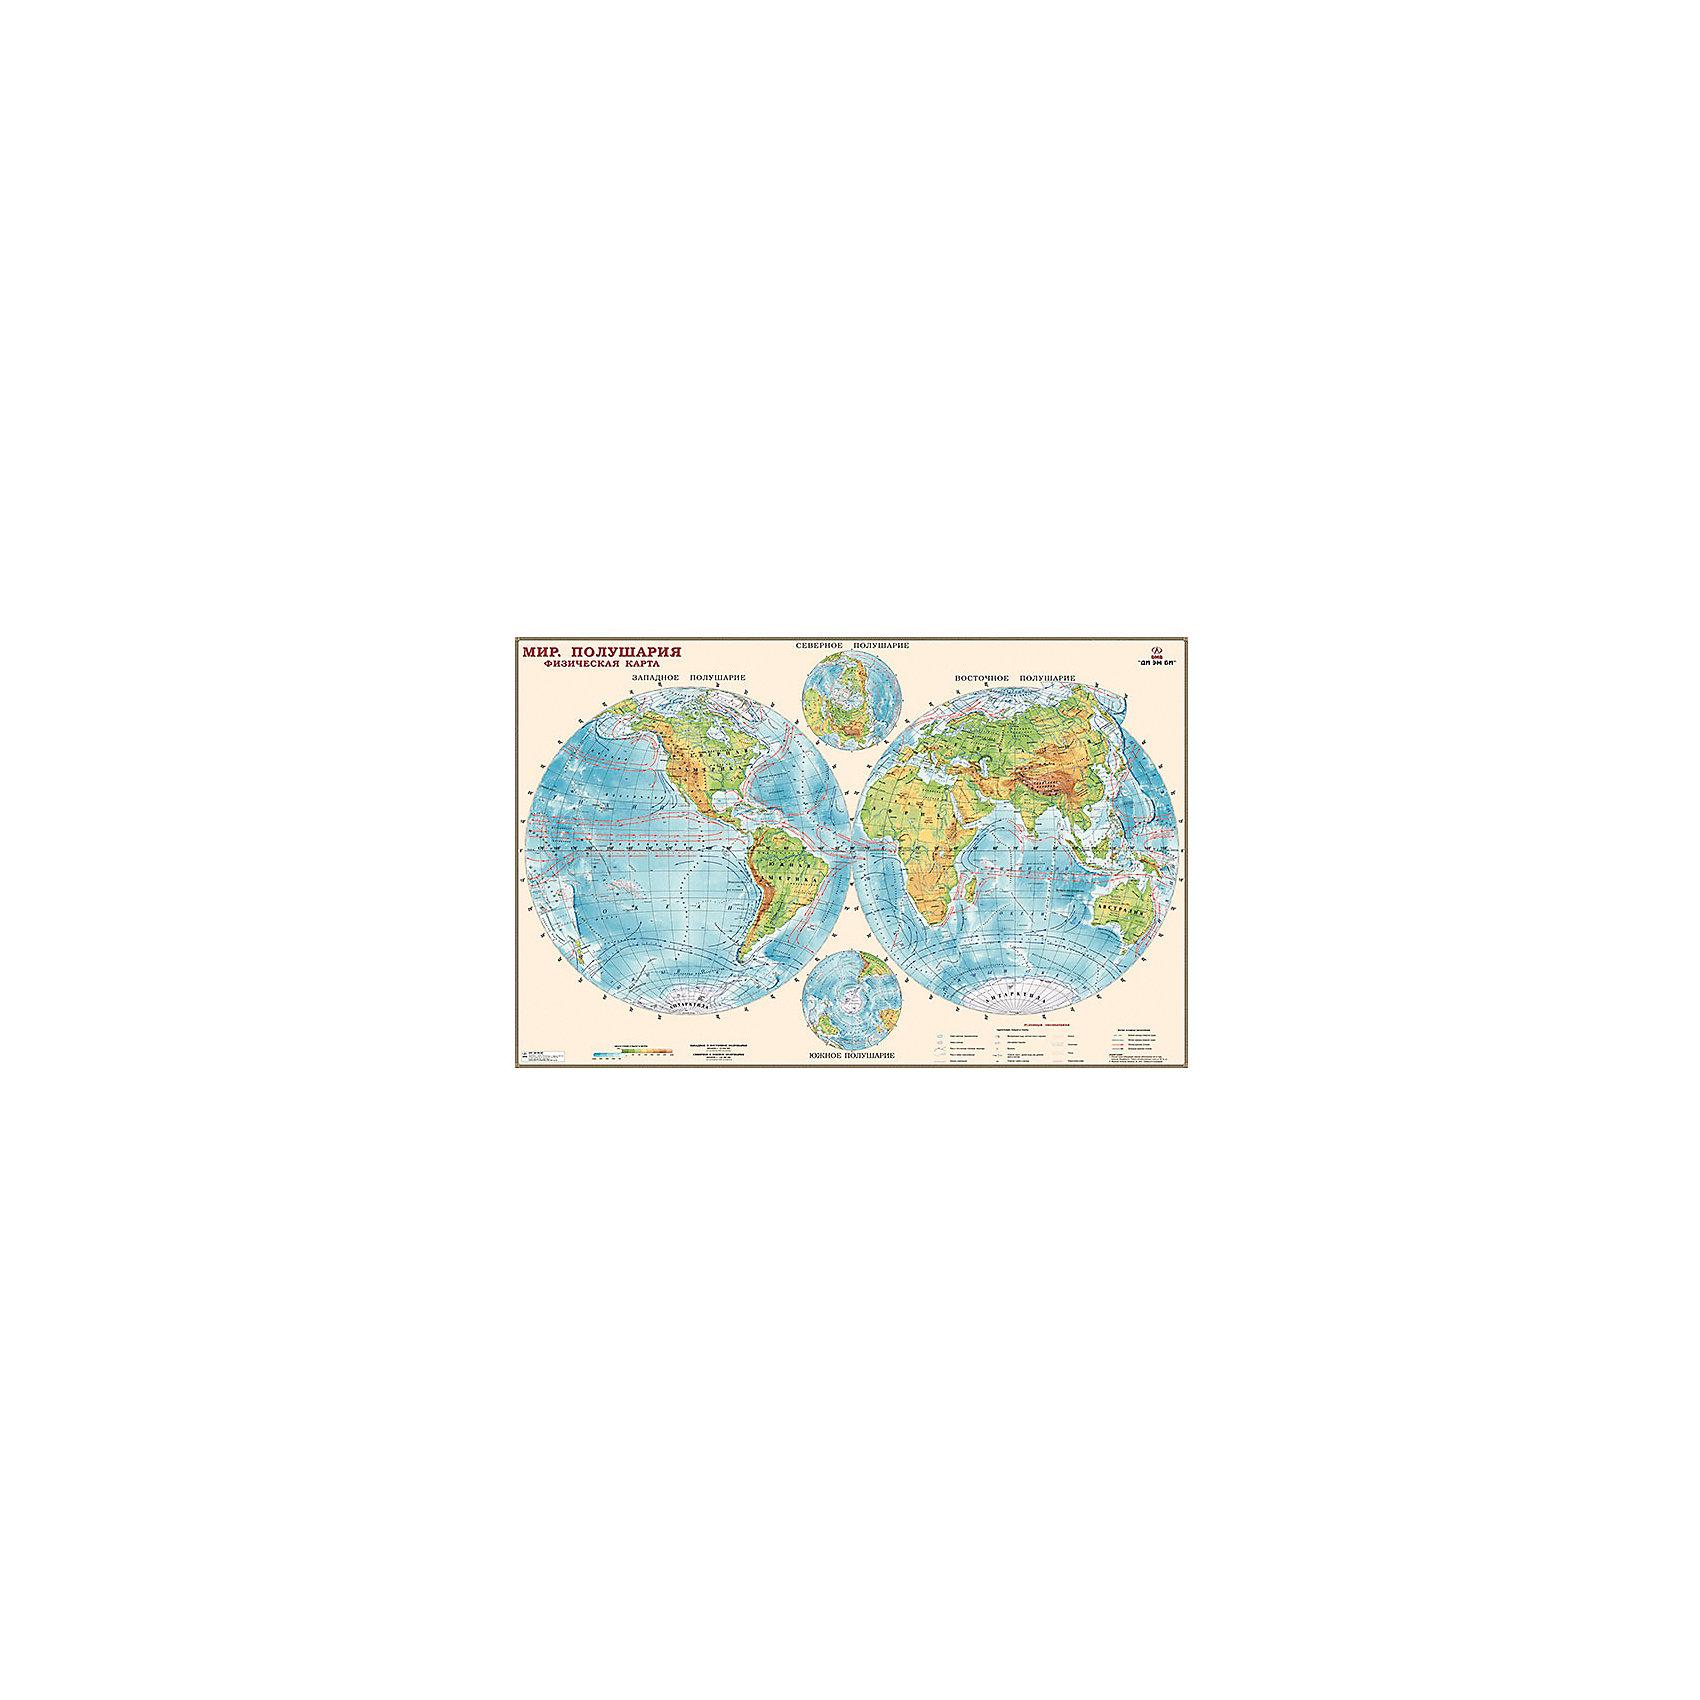 Физическая карта  Полушария, масштаб 1:34Атласы и карты<br>Карта выполнена в виде двух отдельных полушарий – восточного и западного – с точным разделением их по долготе и соблюдением общепринятых условных обозначений ландшафта земной коры. Ламинированное покрытие придает не только эстетичный вид, но и защищает физическую карту полушарий от повреждений, влаги и выцветания на солнце.<br><br>Дополнительная информация:<br><br>- Карта в картонном тубусе.<br>- Материал: бумага.<br>- Масштаб: 1: 4.<br><br>Физическую карту  Полушария (масштаб 1:34) можно купить в нашем магазине.<br><br>Ширина мм: 960<br>Глубина мм: 60<br>Высота мм: 960<br>Вес г: 459<br>Возраст от месяцев: 36<br>Возраст до месяцев: 2147483647<br>Пол: Унисекс<br>Возраст: Детский<br>SKU: 4093400